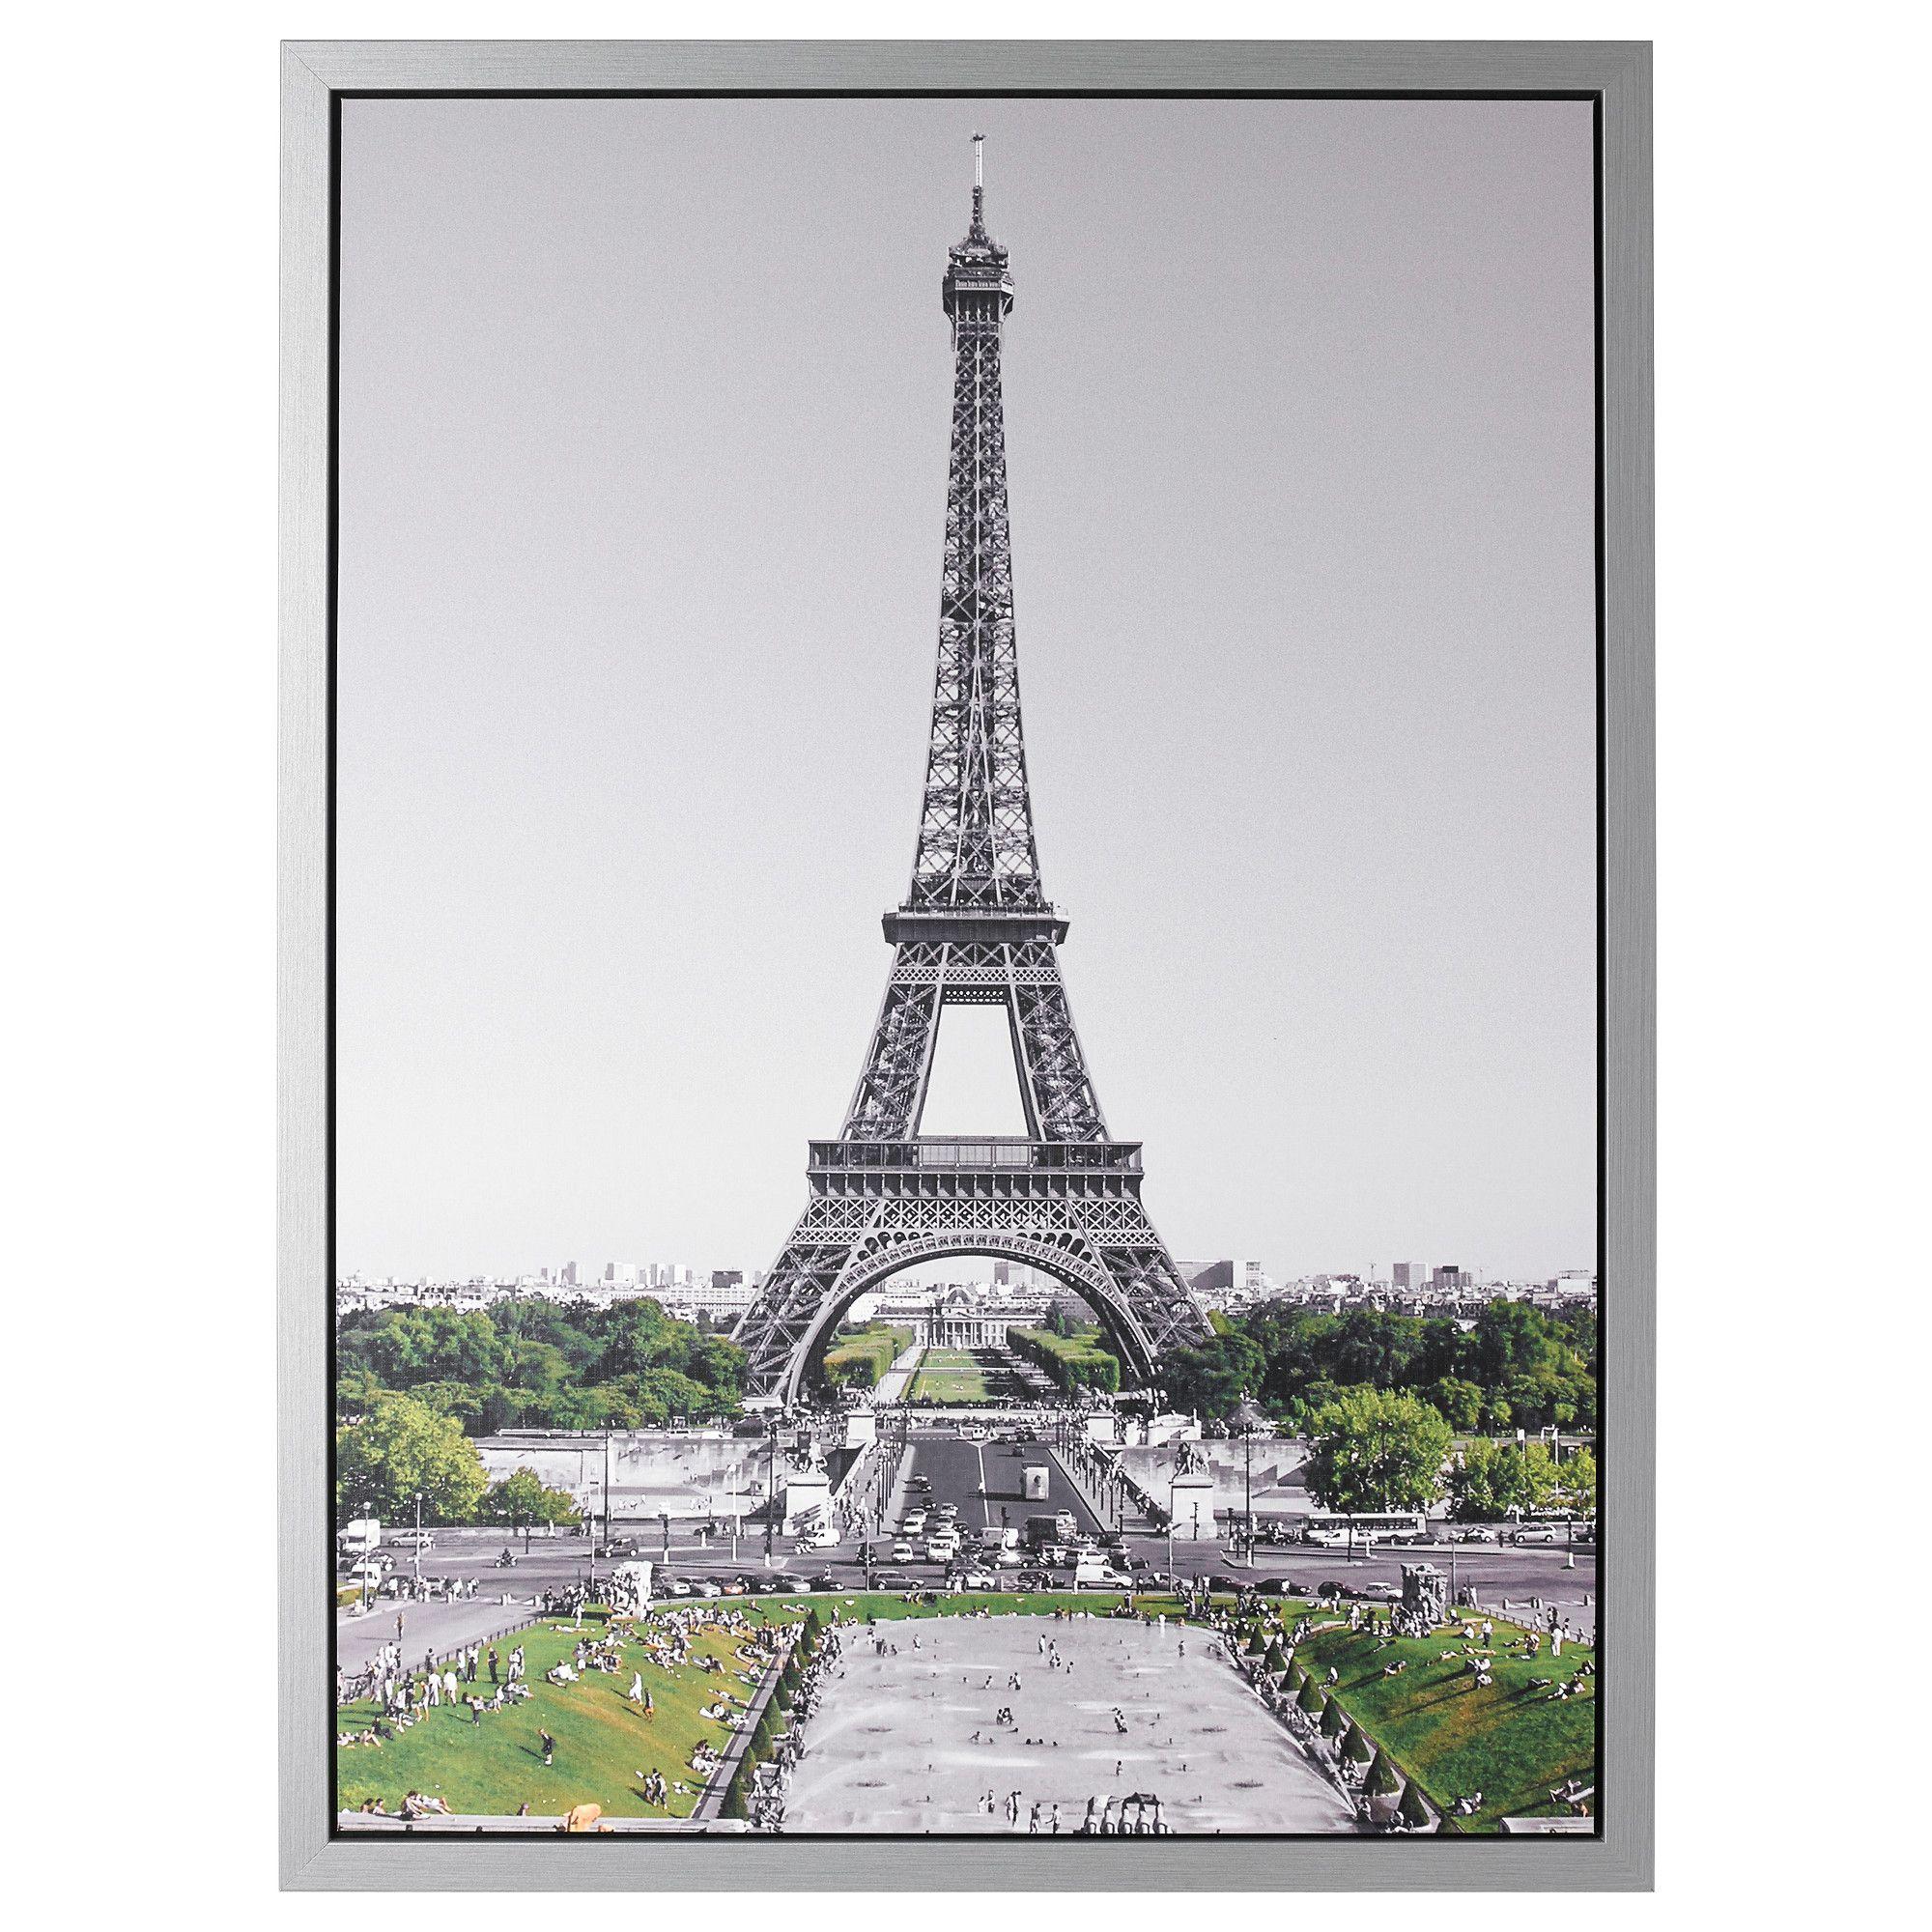 Vilshult Picture Ikea Eiffel Tower By Richard Silver Www